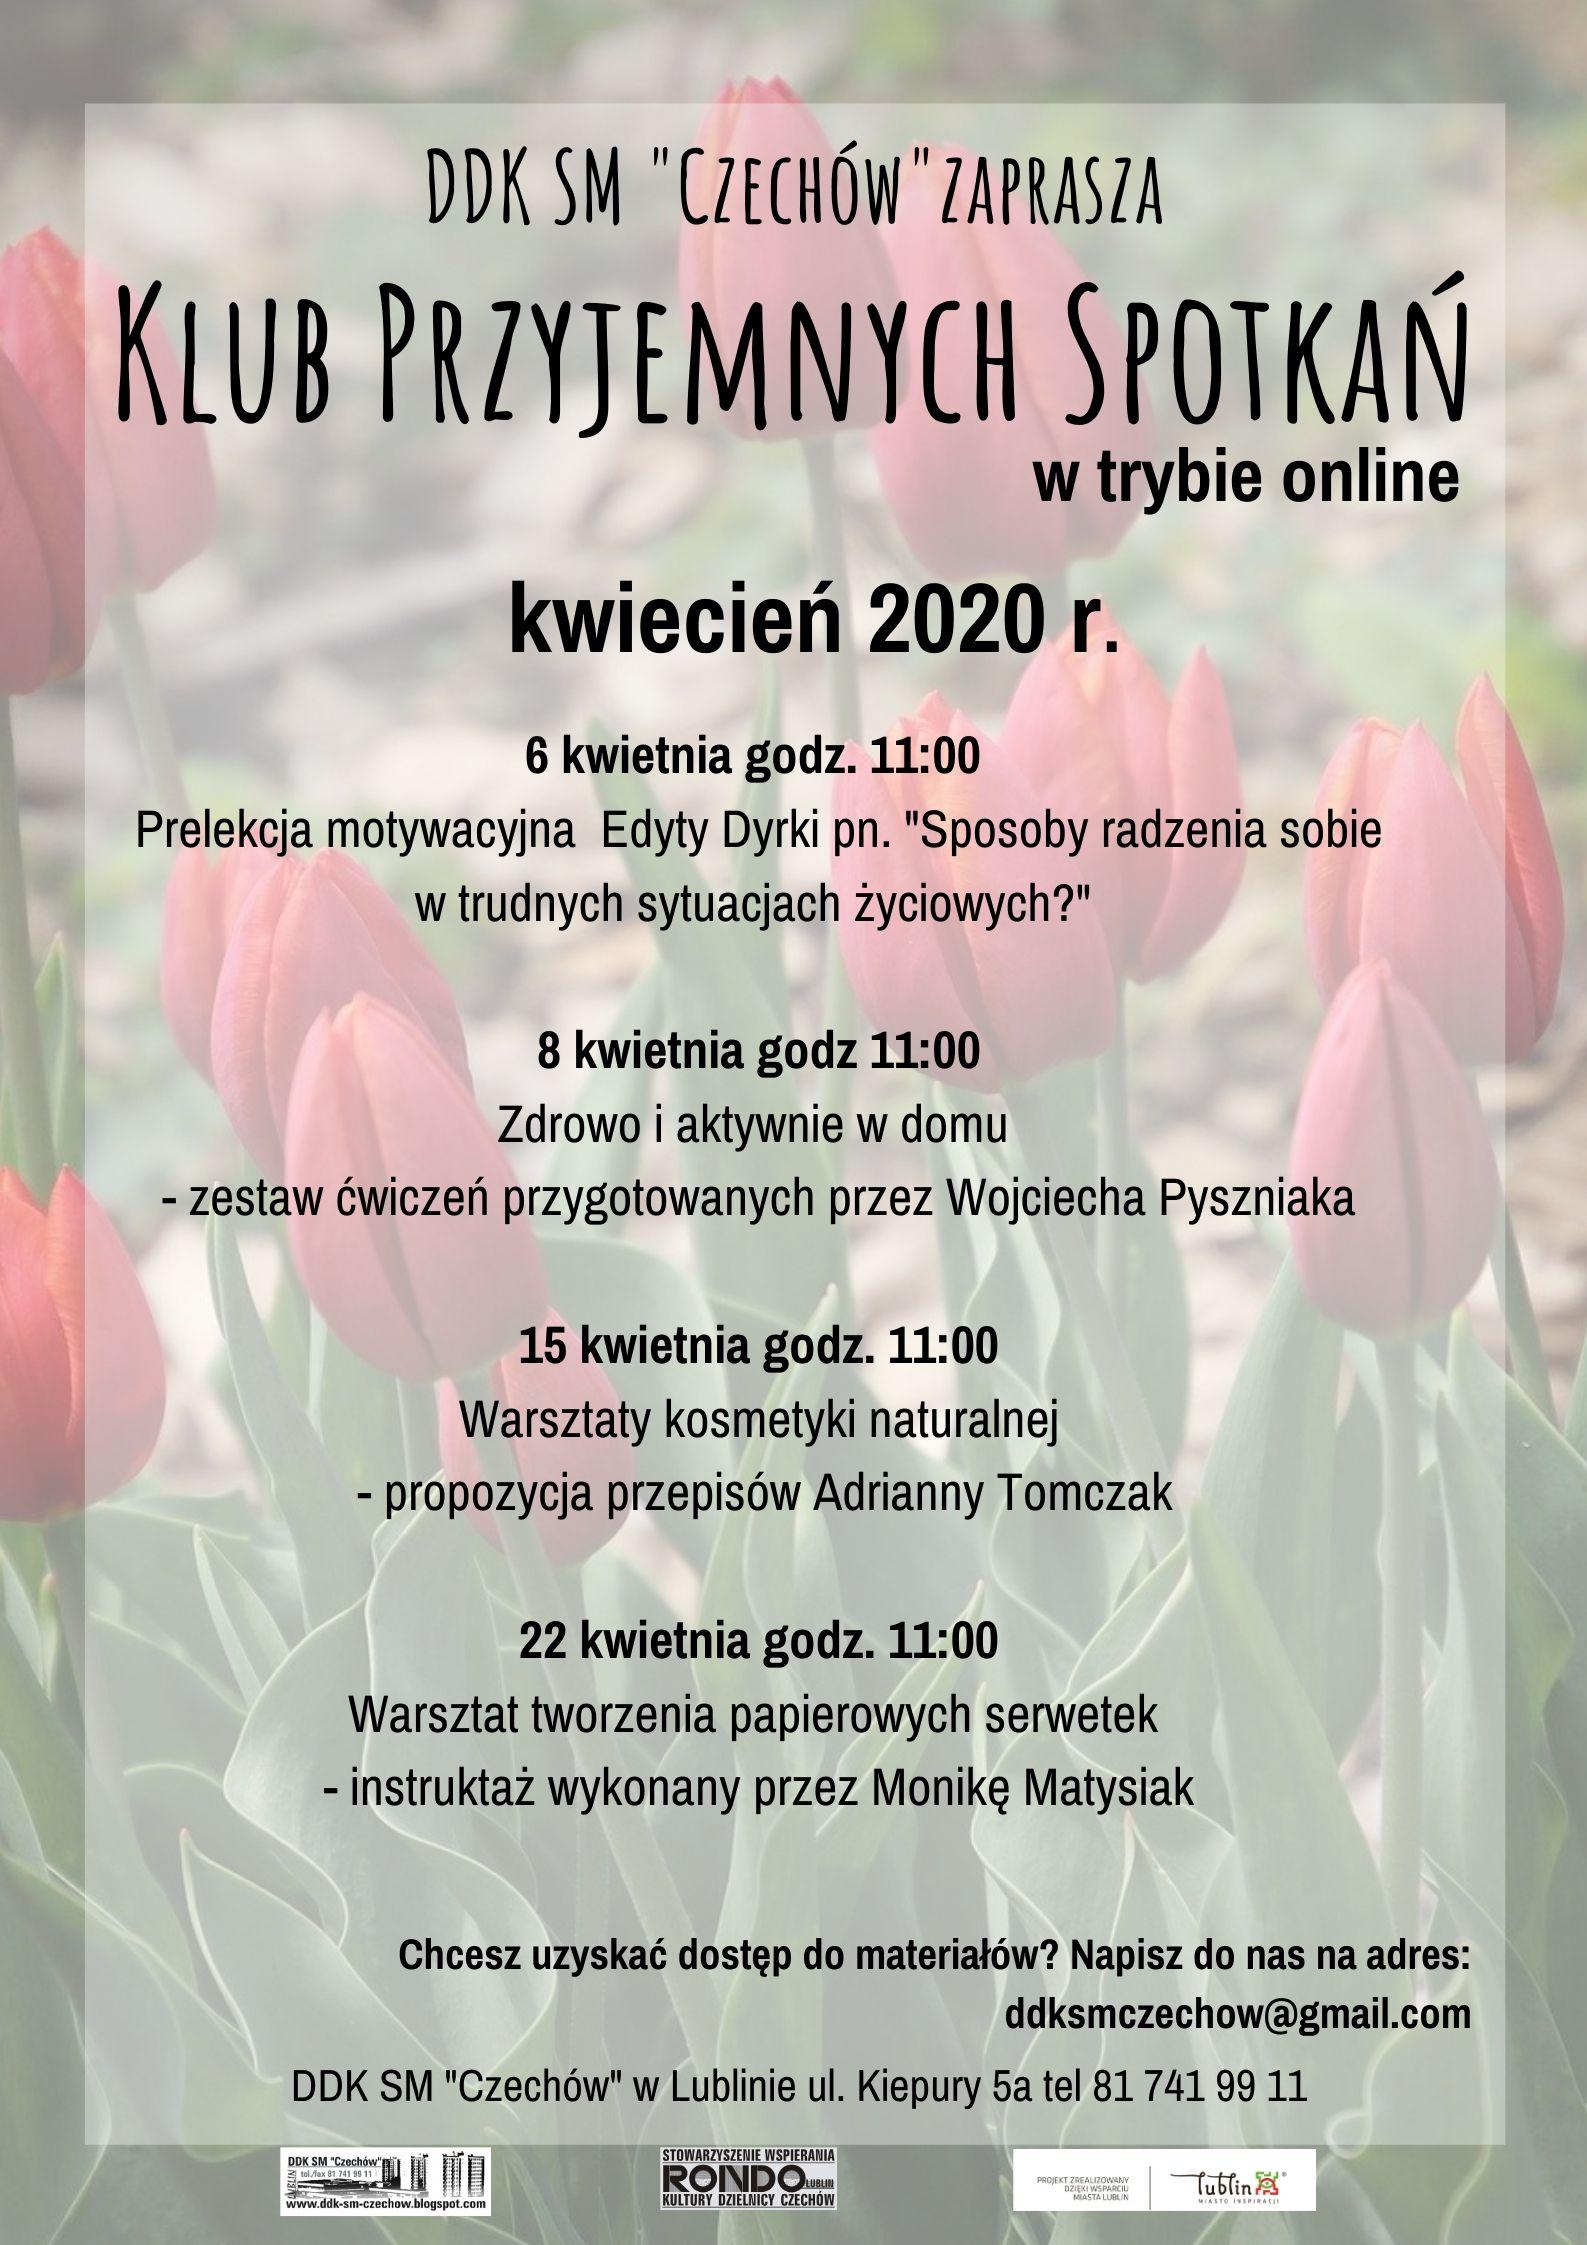 Klub Przyjemnych Spotkań wtrybie online – kwiecień 2020